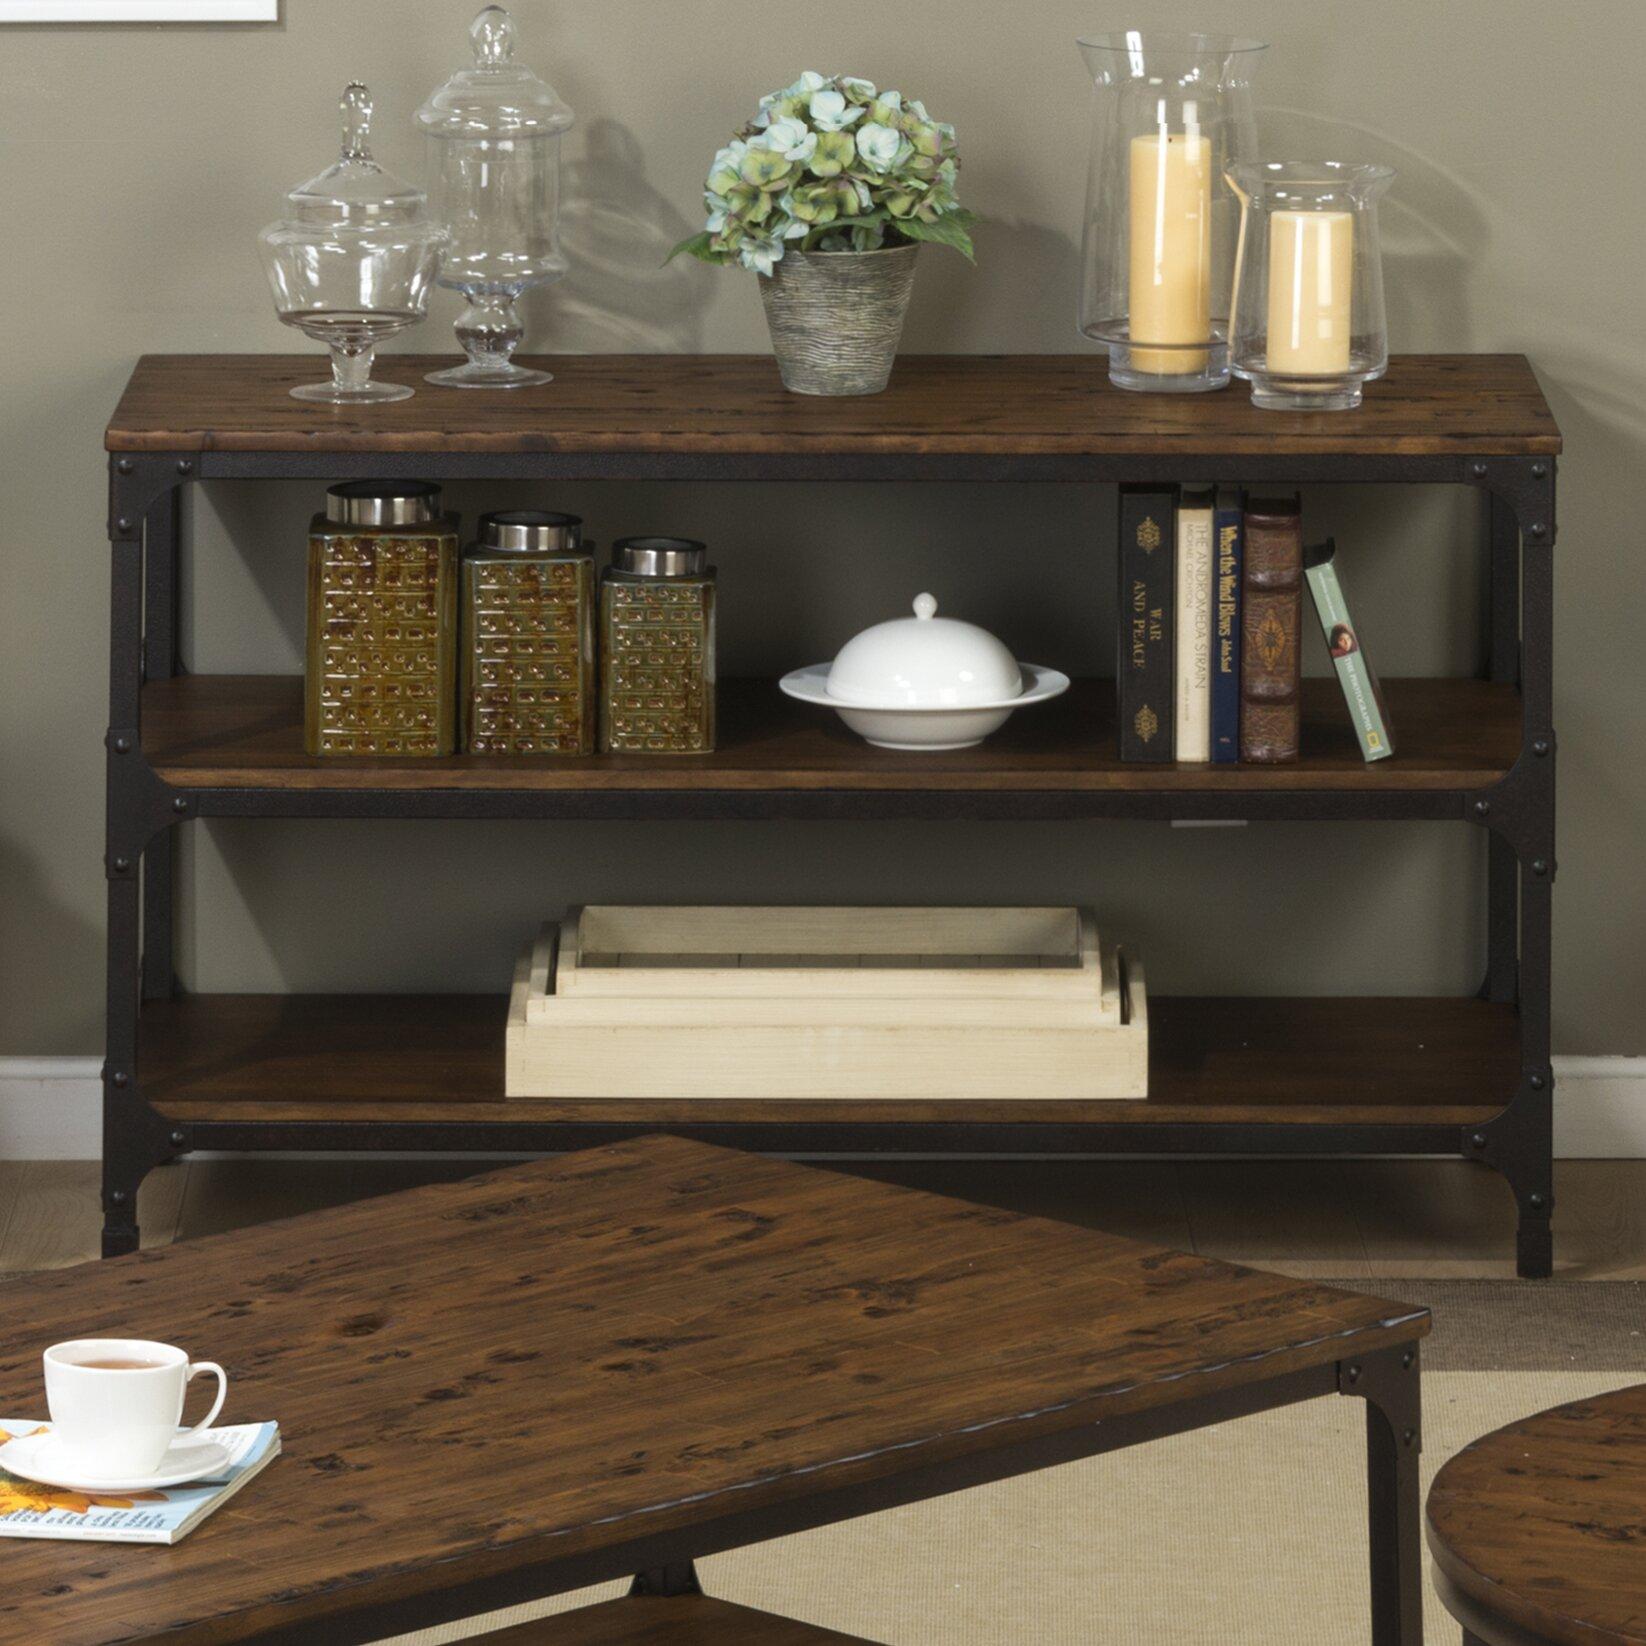 Laurel Foundry Modern Farmhouse Carolyn Console Table